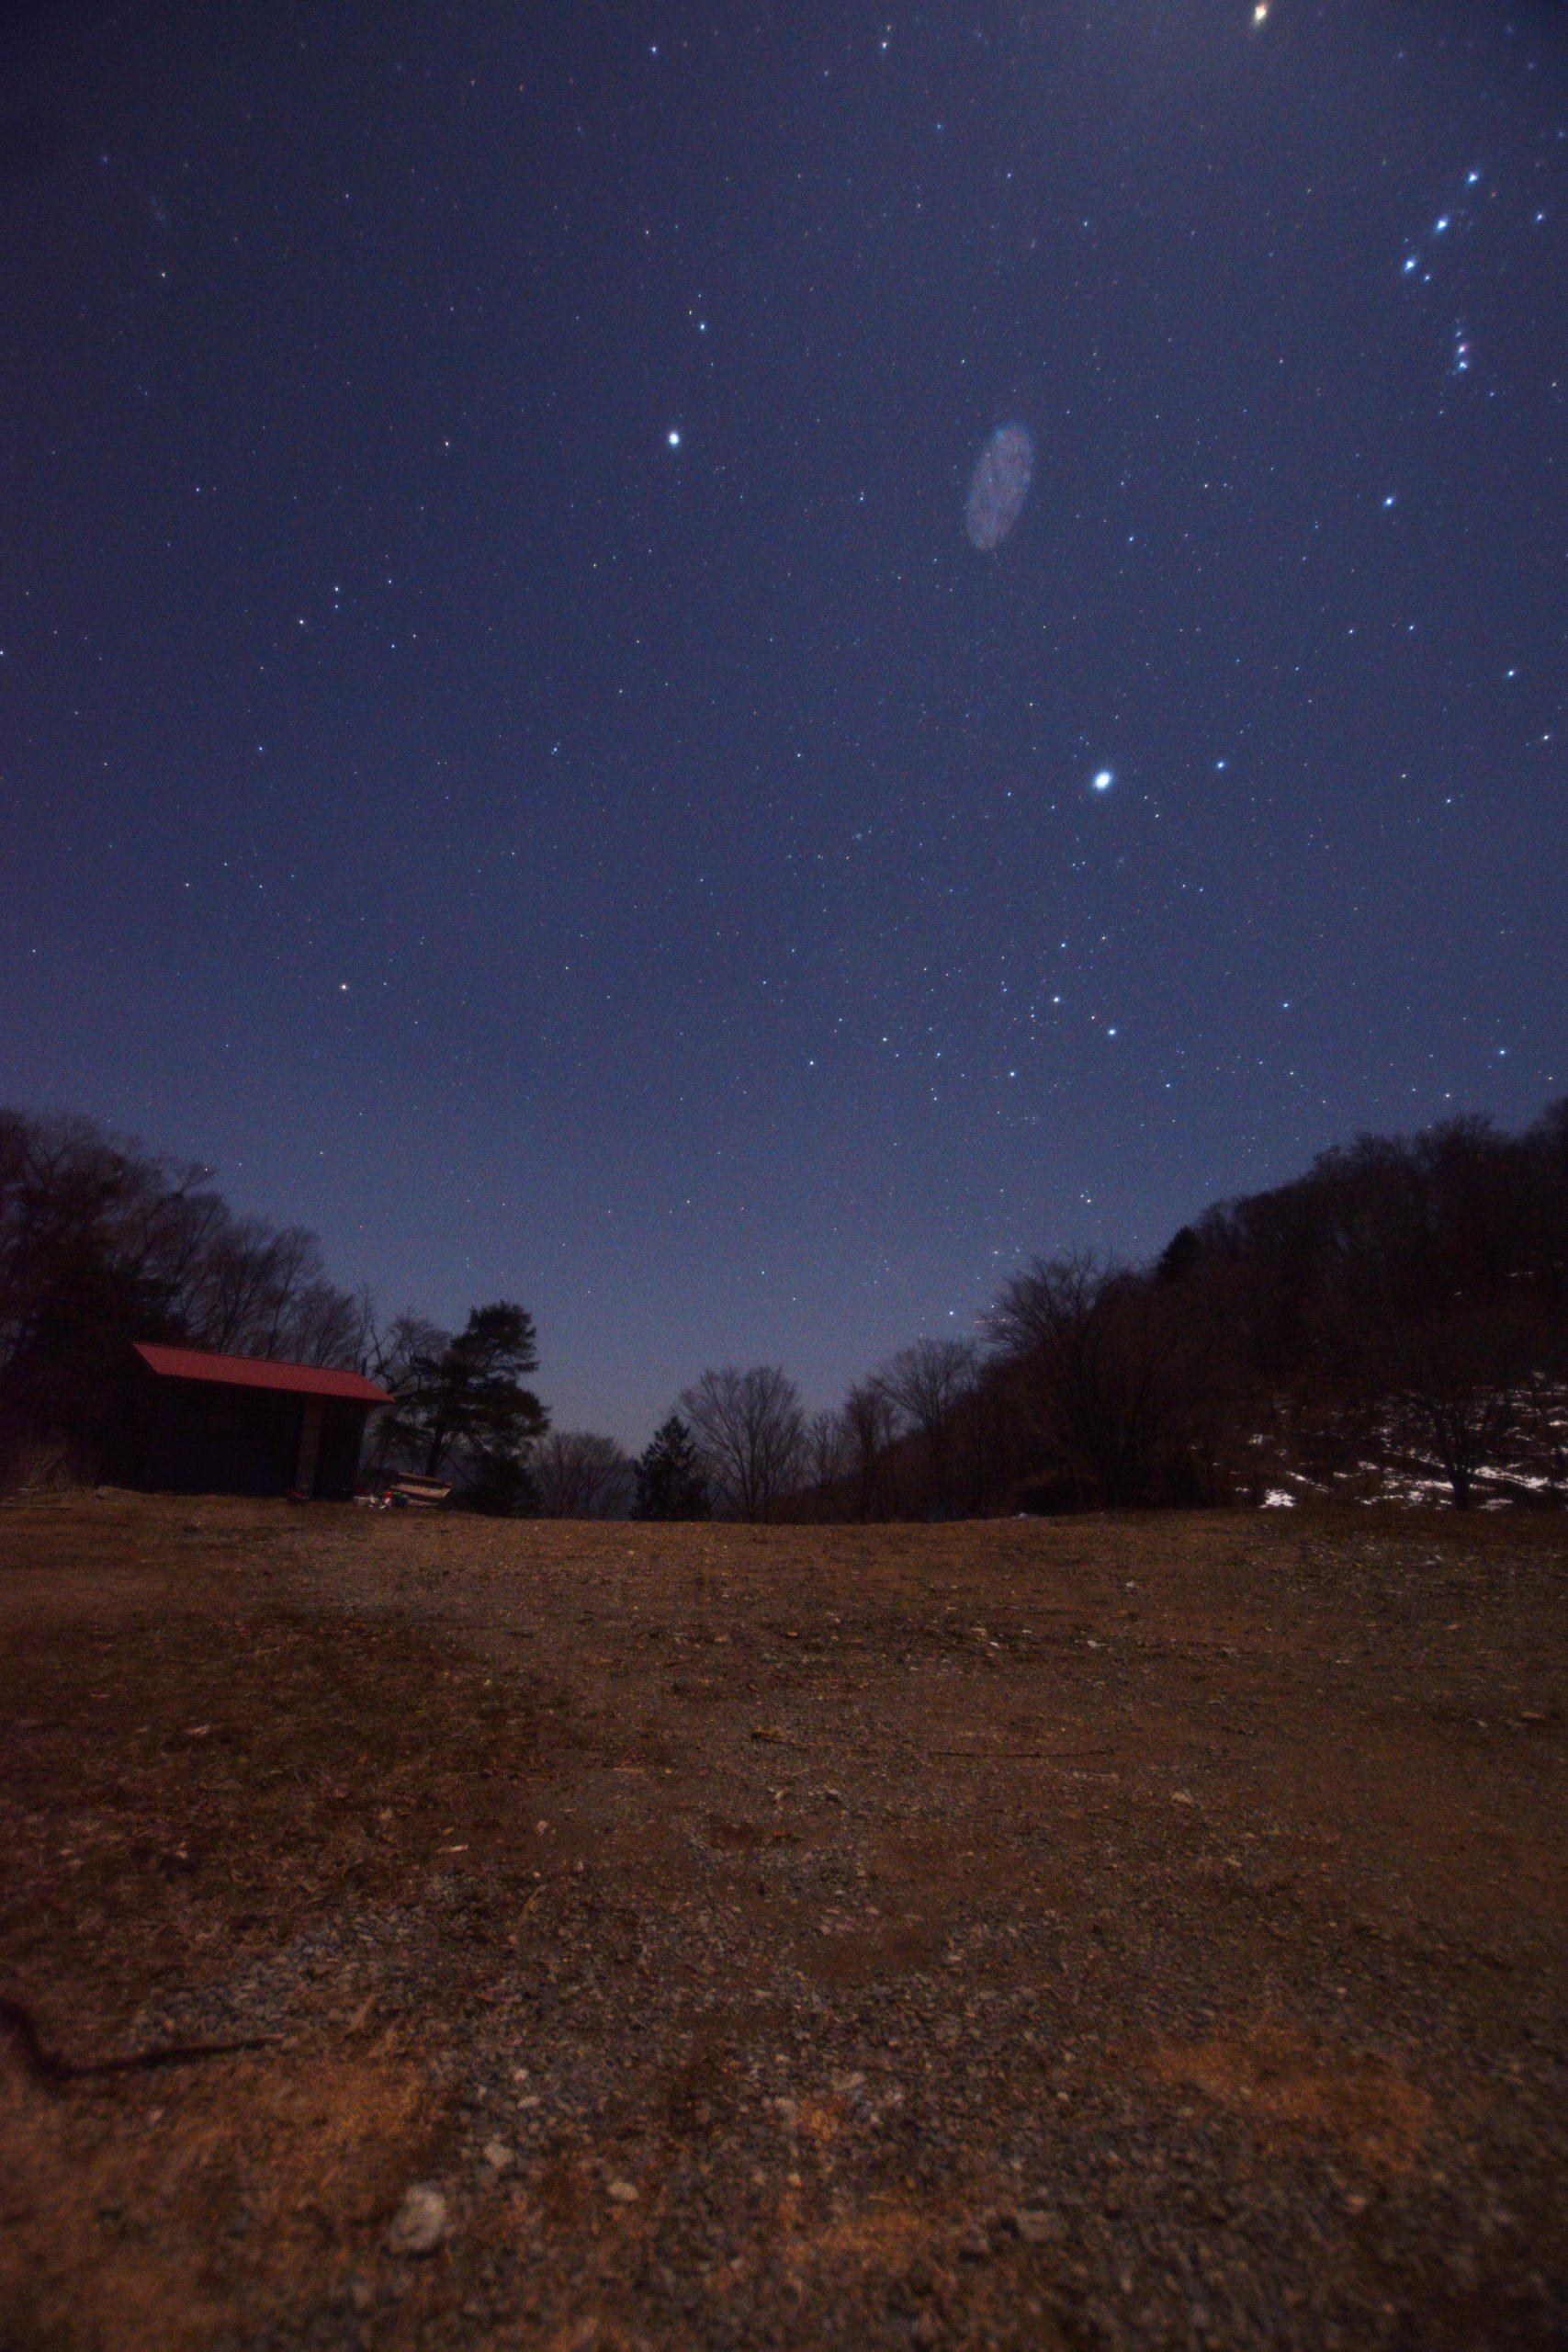 和佐又山キャンプ場跡の小屋と冬のダイヤモンド